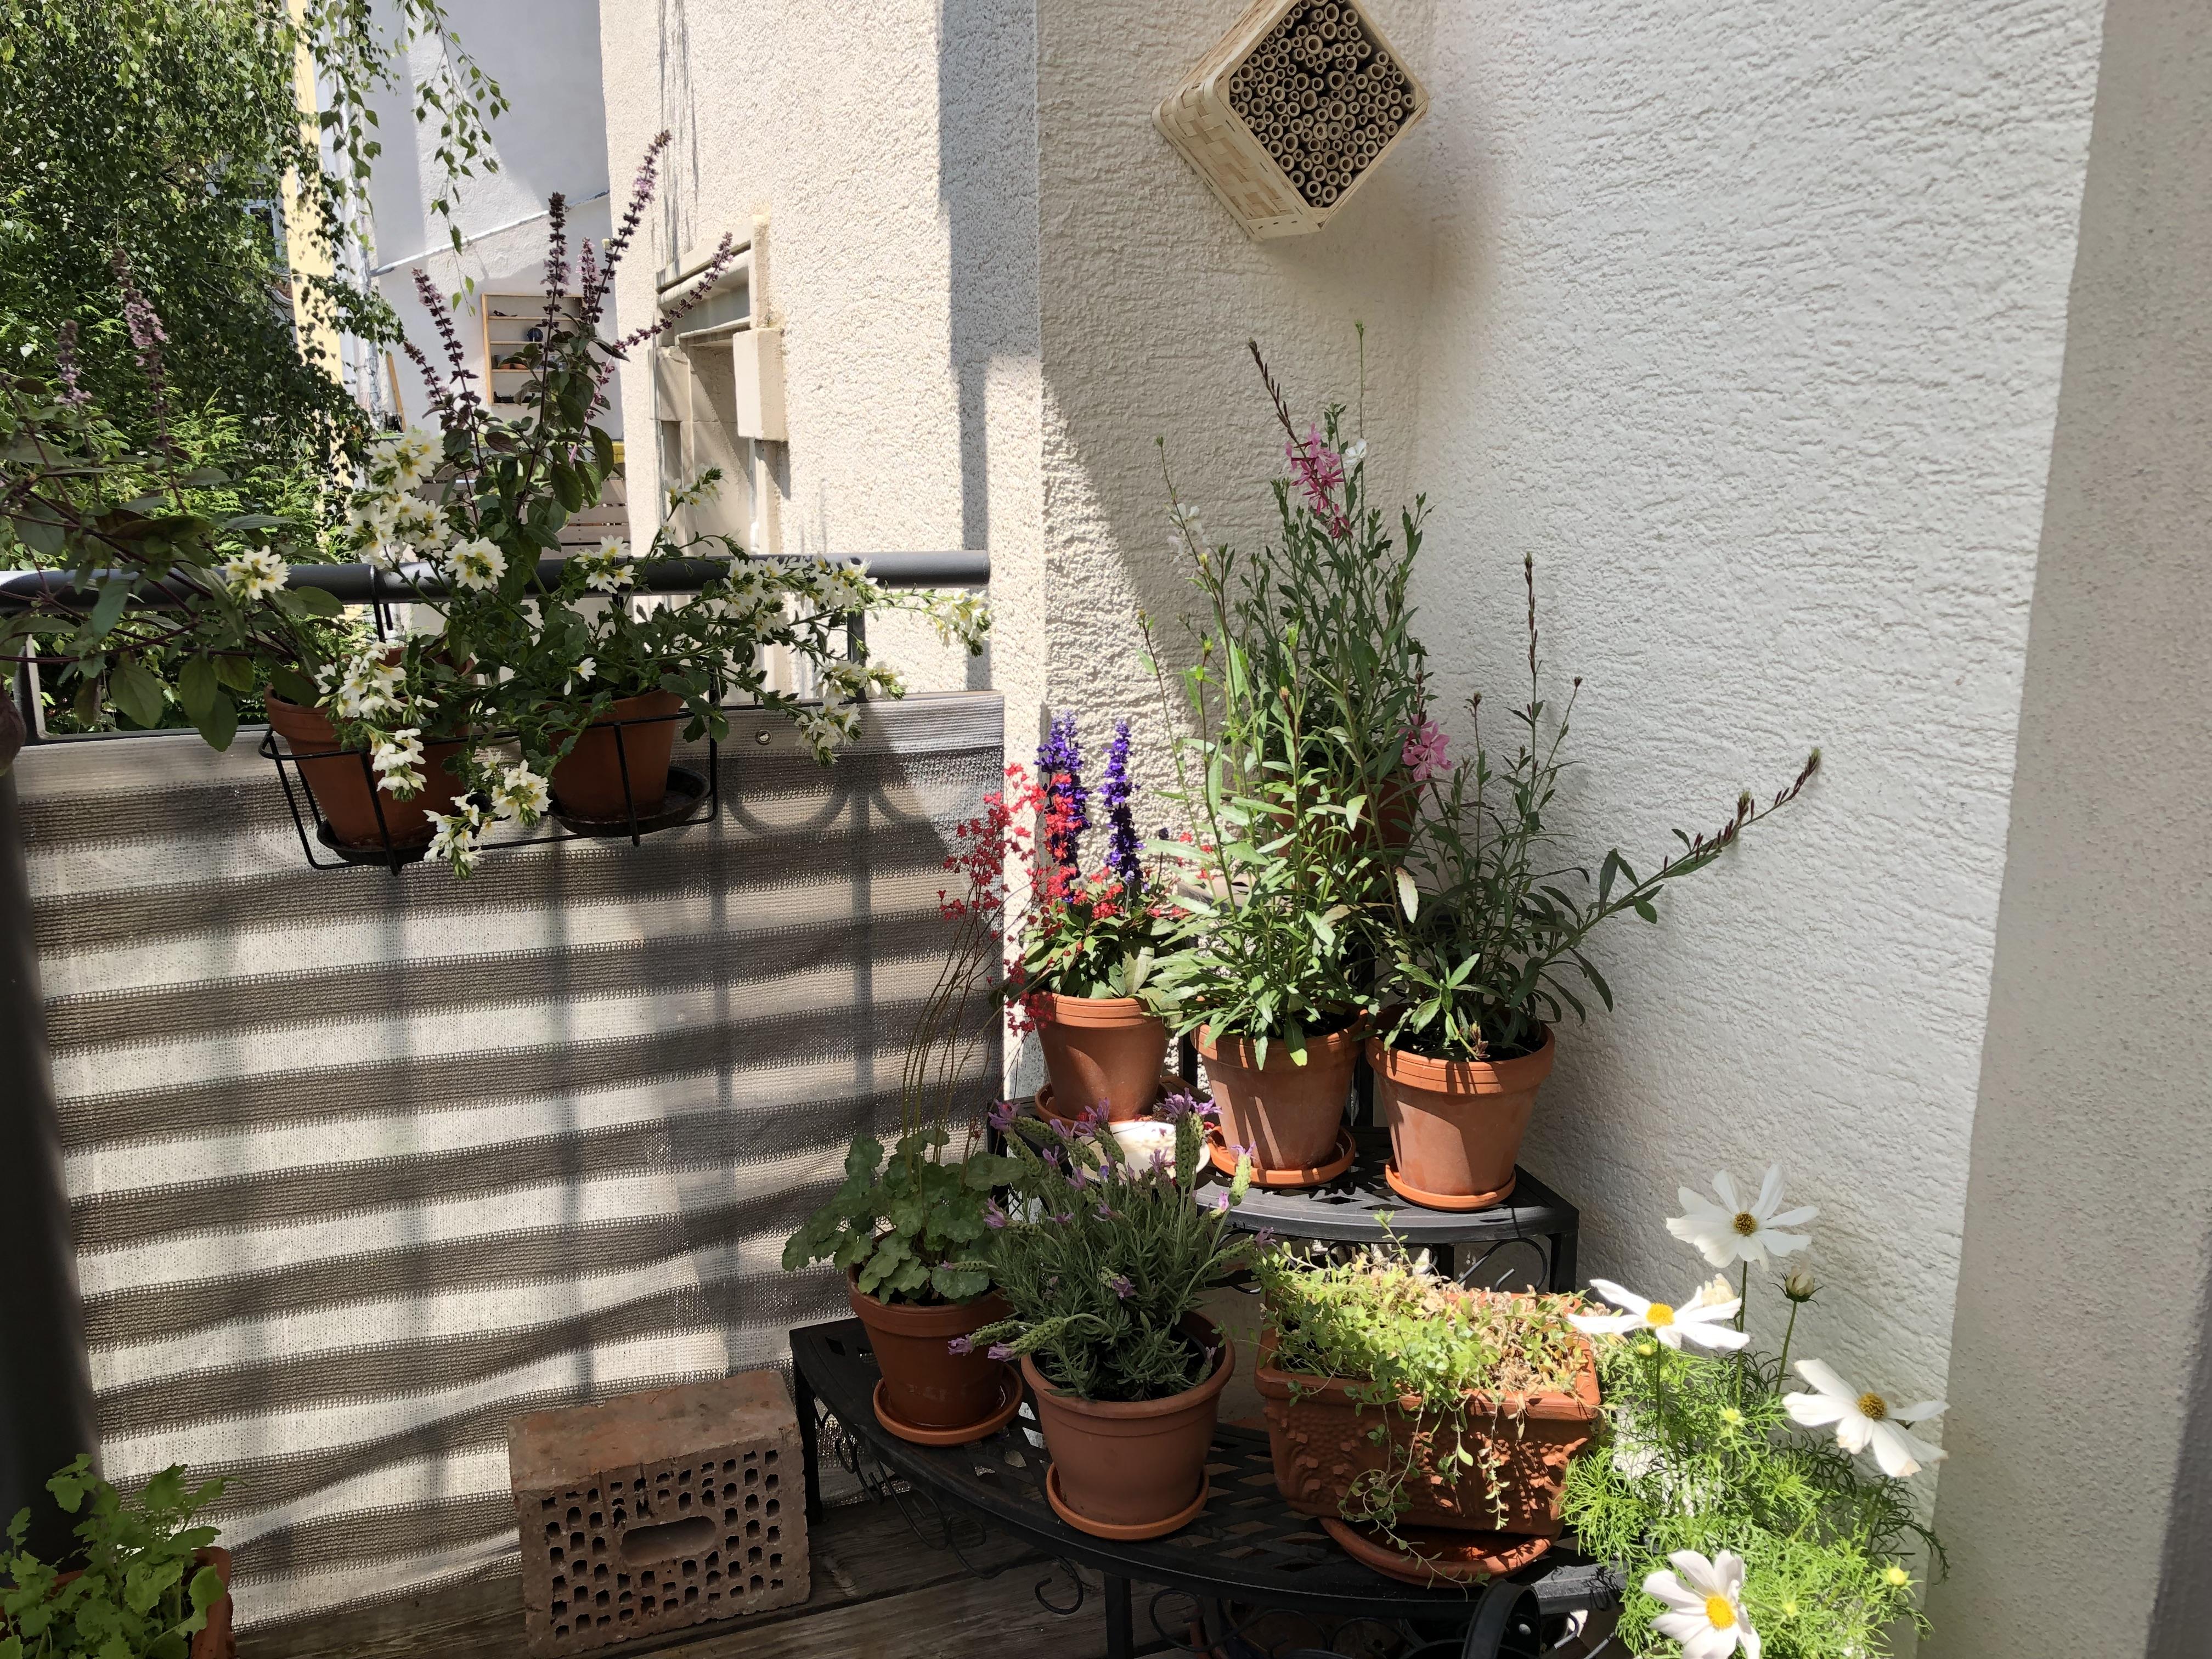 Bienenfreundliche Balkonpflanzen Tipps für den bienenfreundlichen Balkon